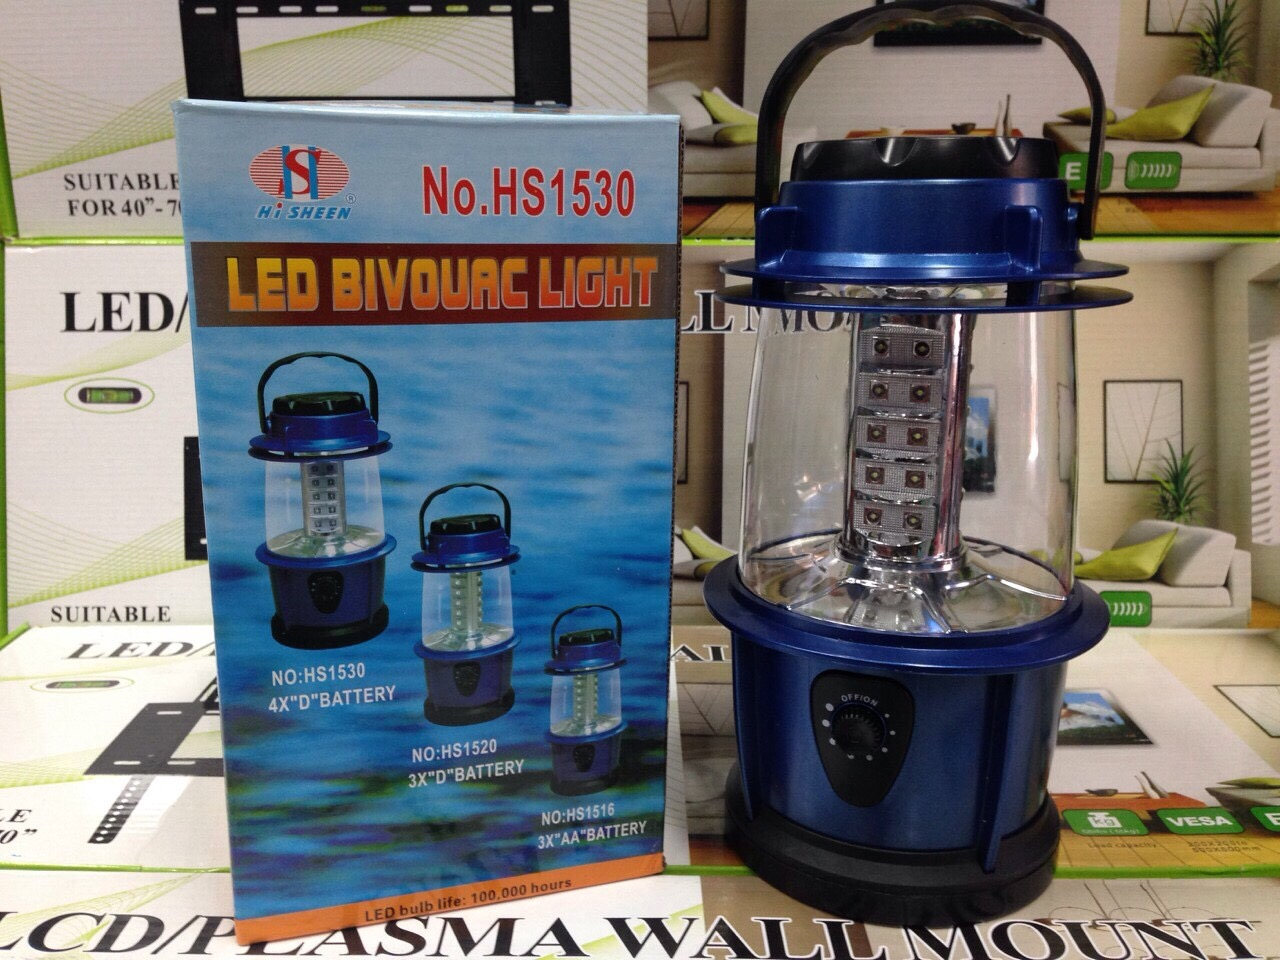 ตะเกียง LED HI SHEEN HS1530